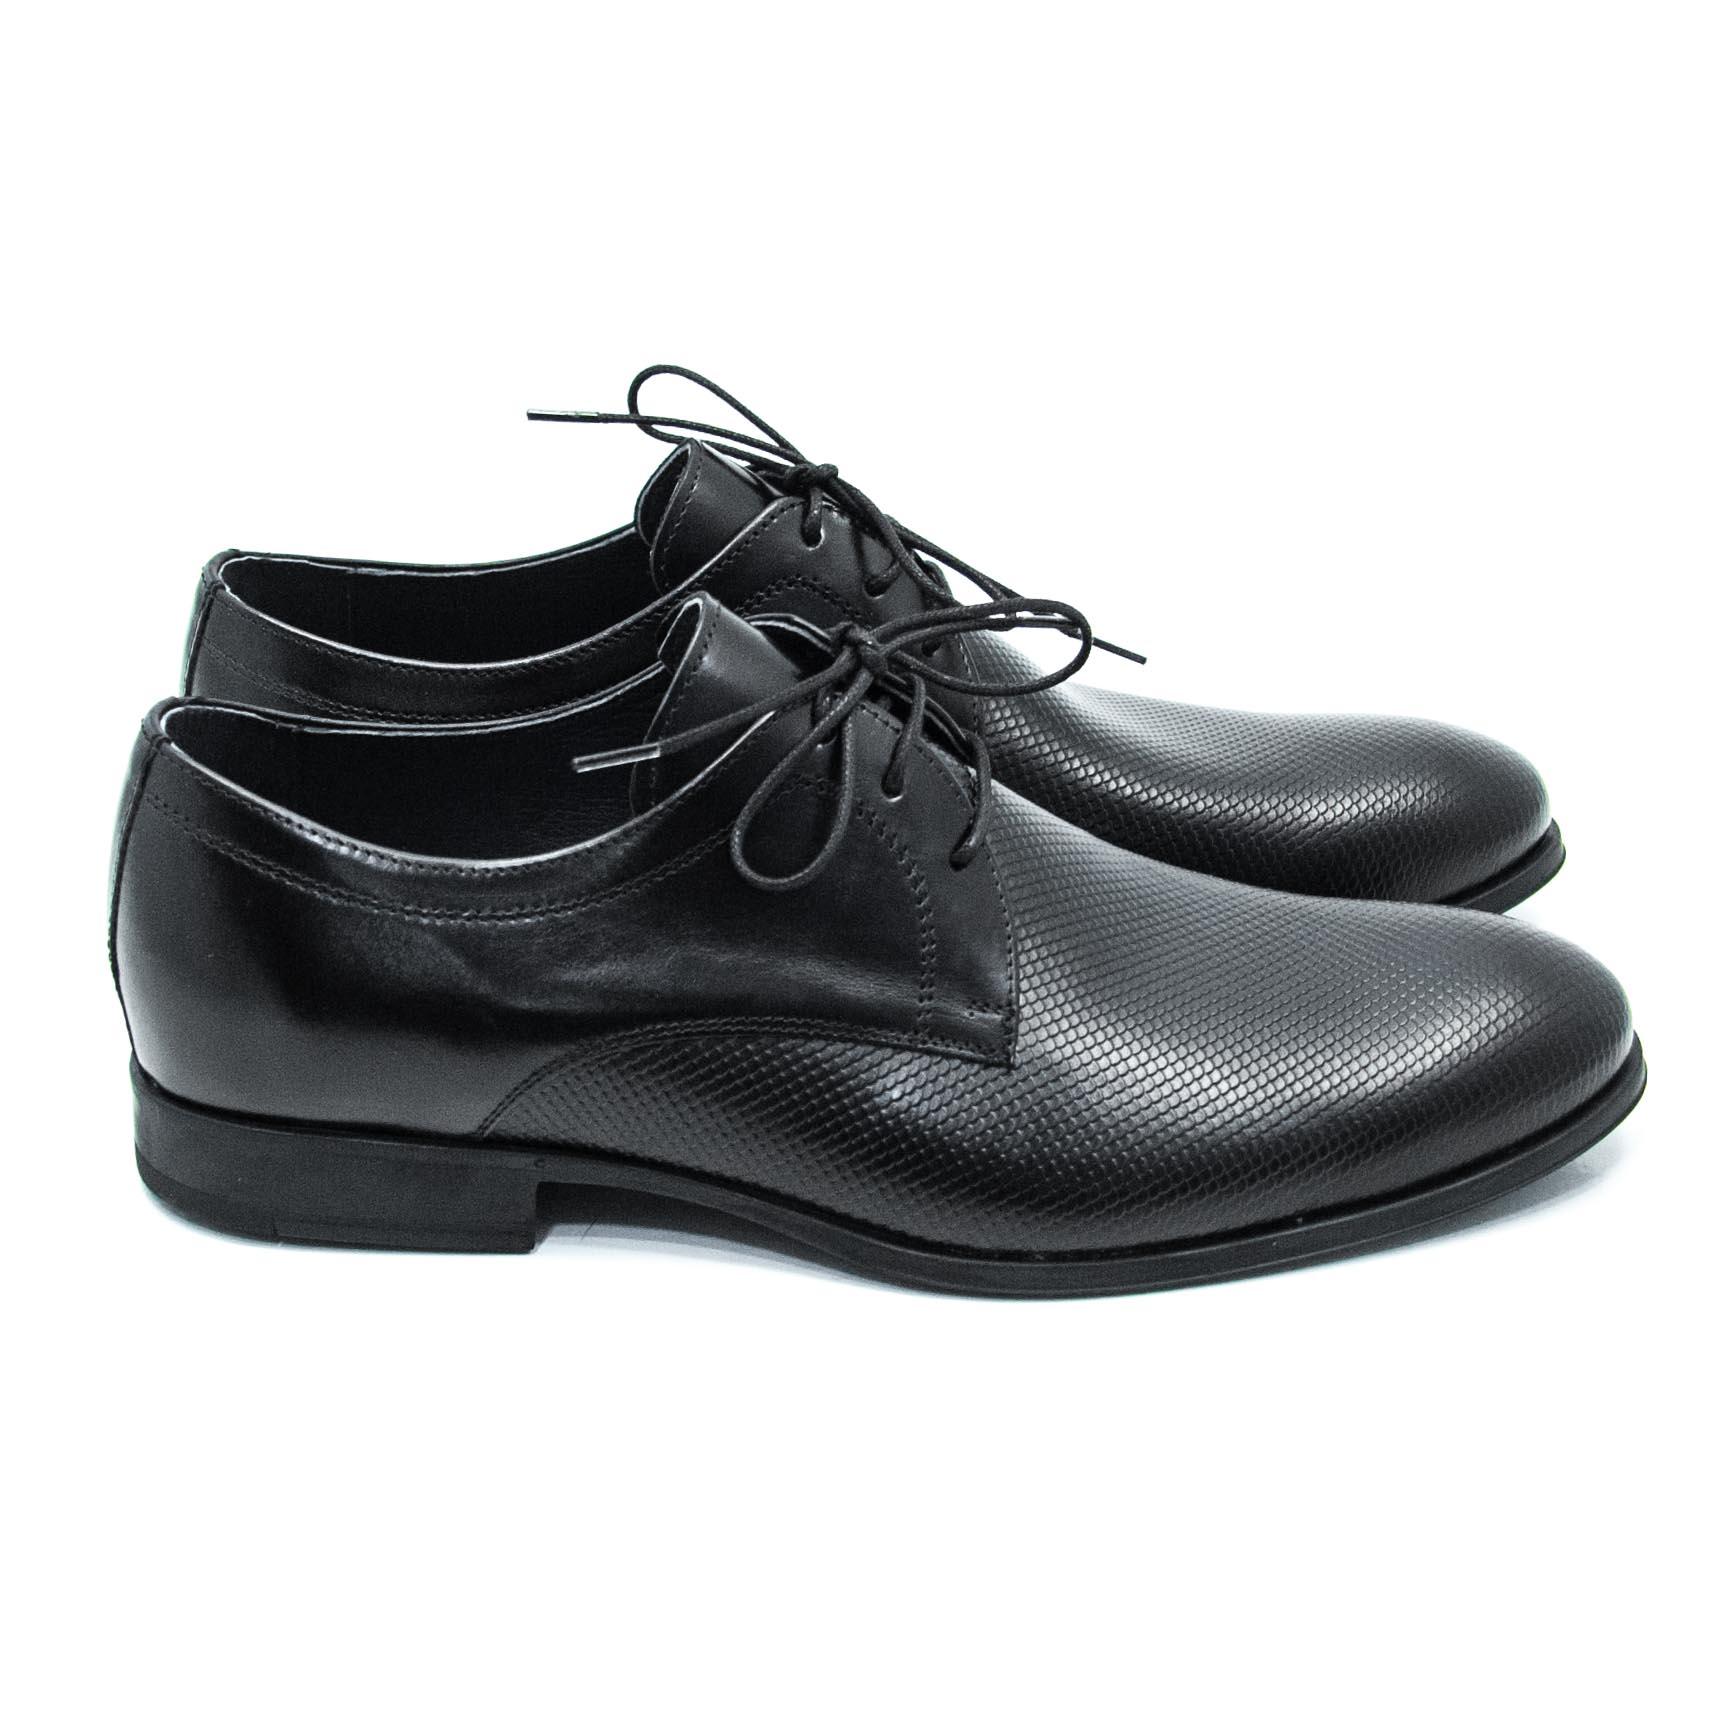 Αντρικό παπούτσι DAMIANI 1192